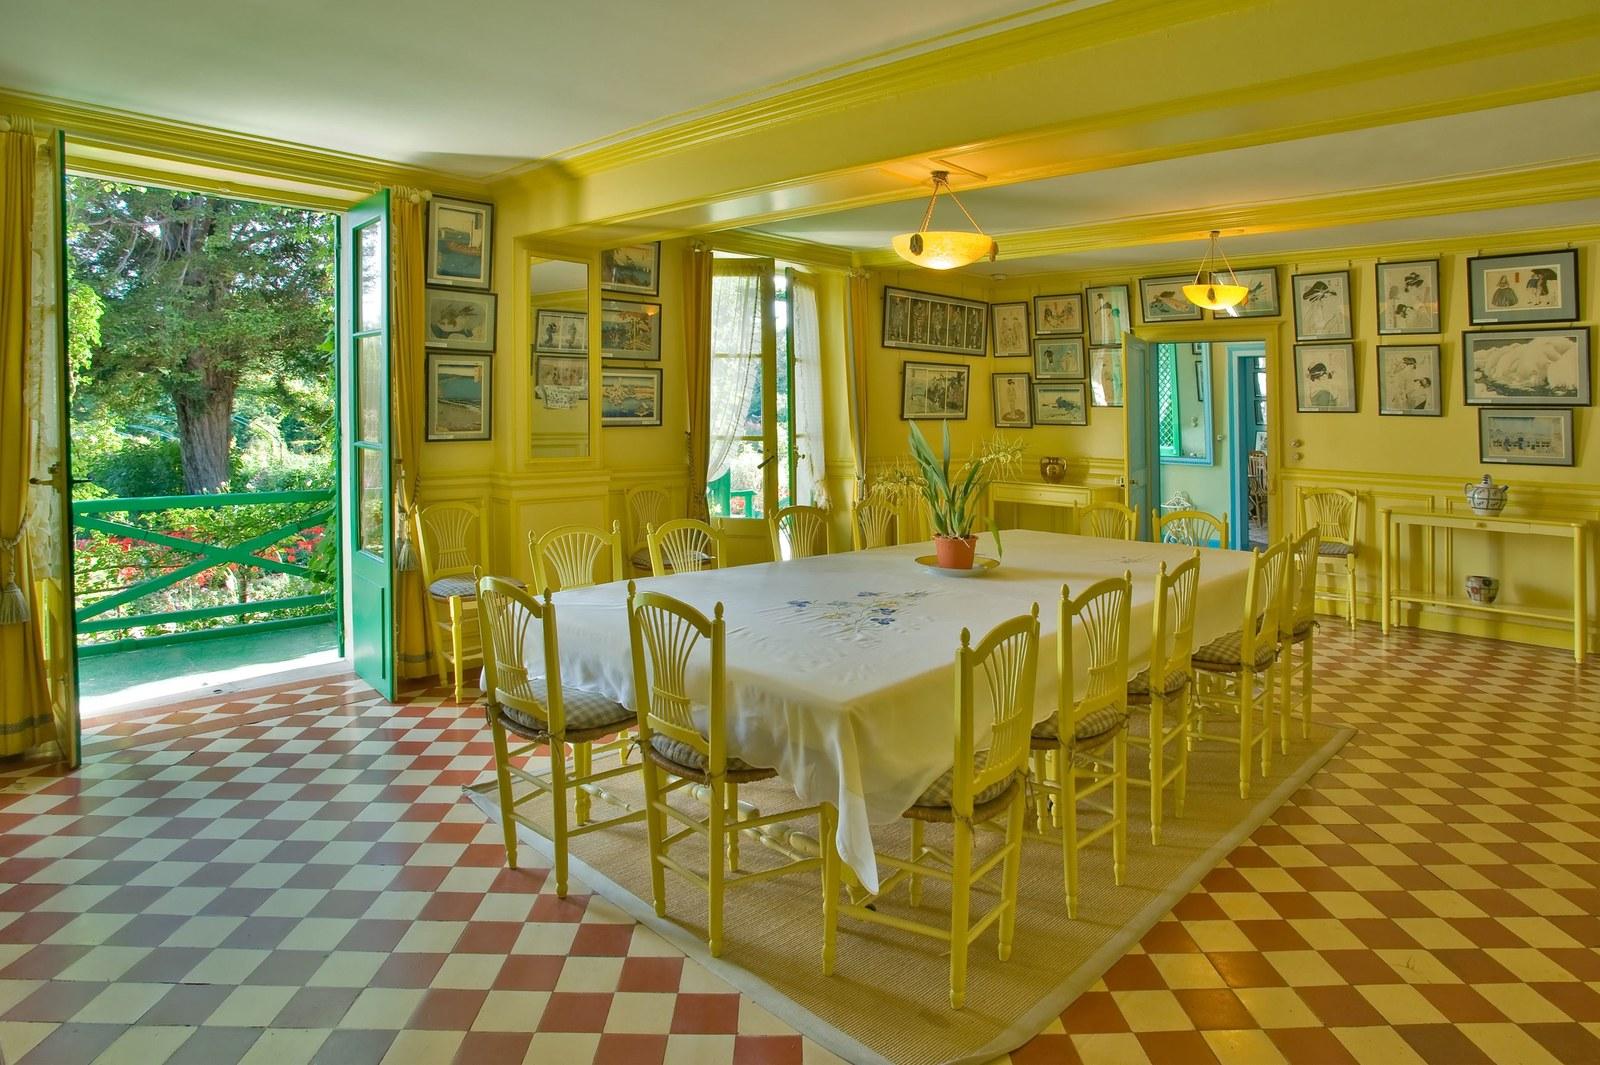 Truque décor fácil: da casa de Monet pra sua